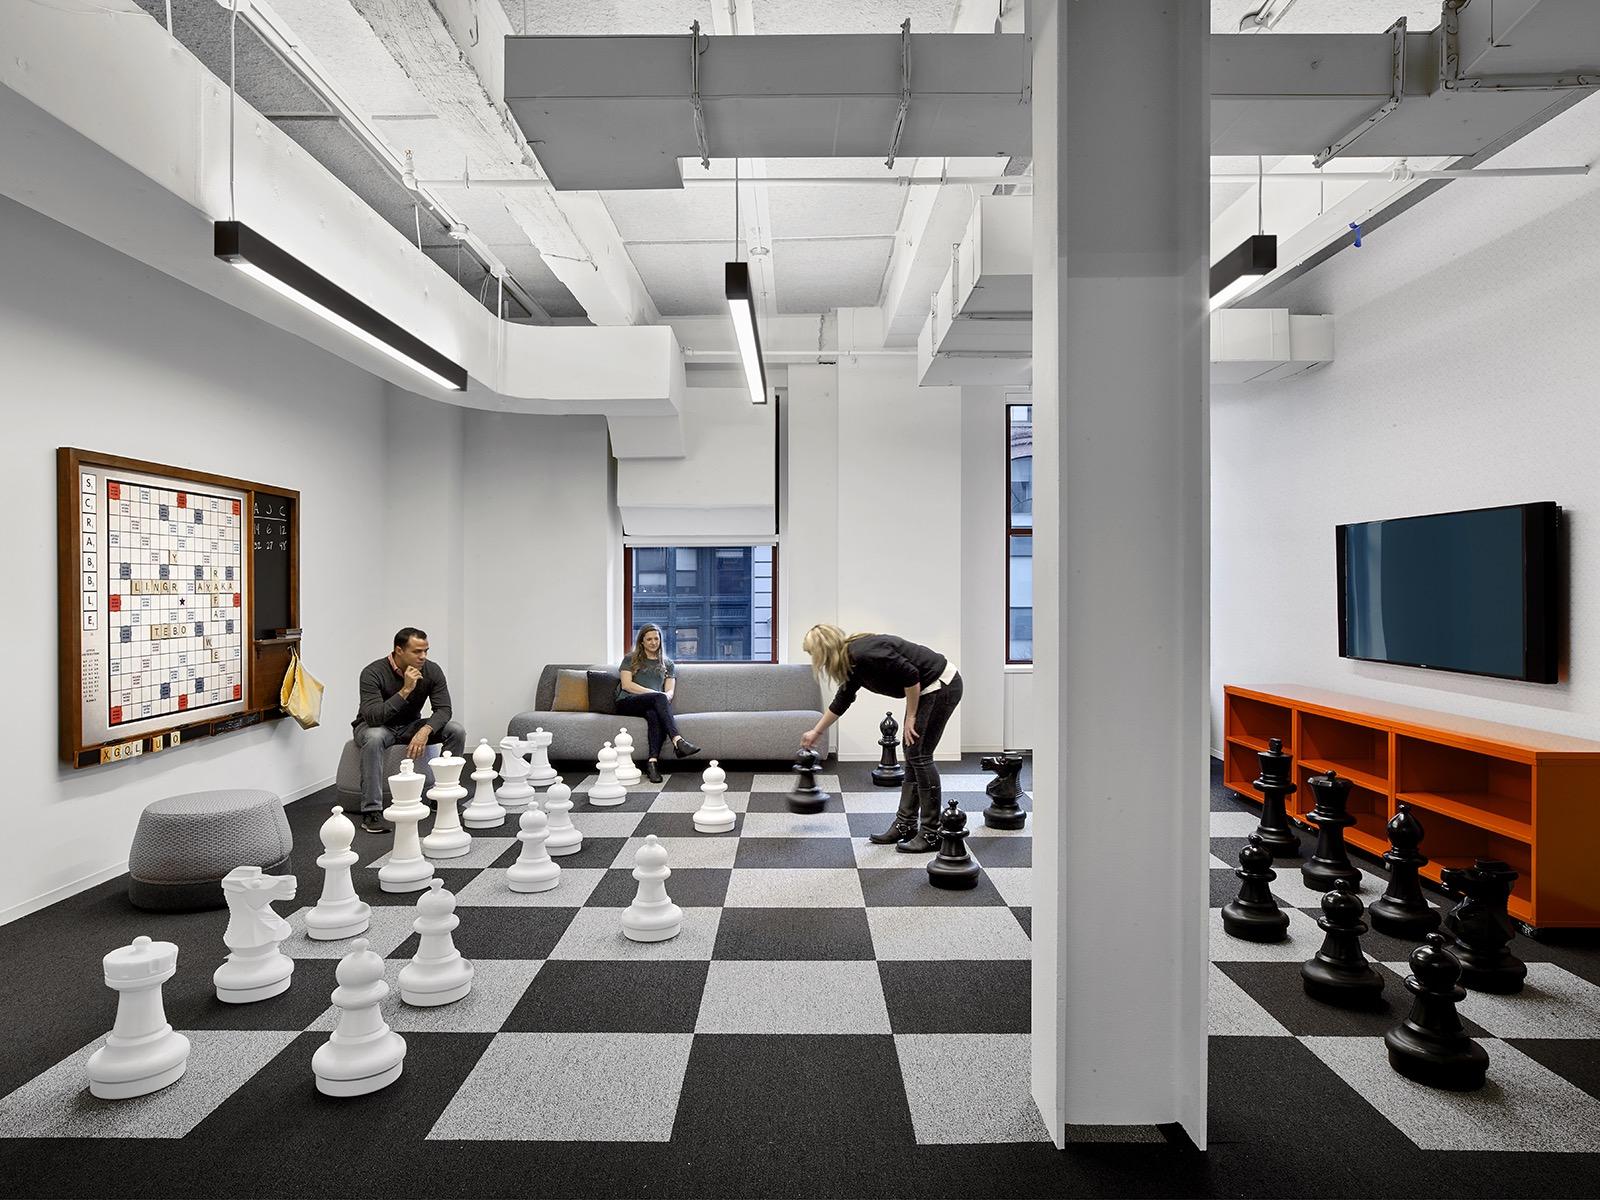 Relaxační místnost se šacovnicí v životní velikosti